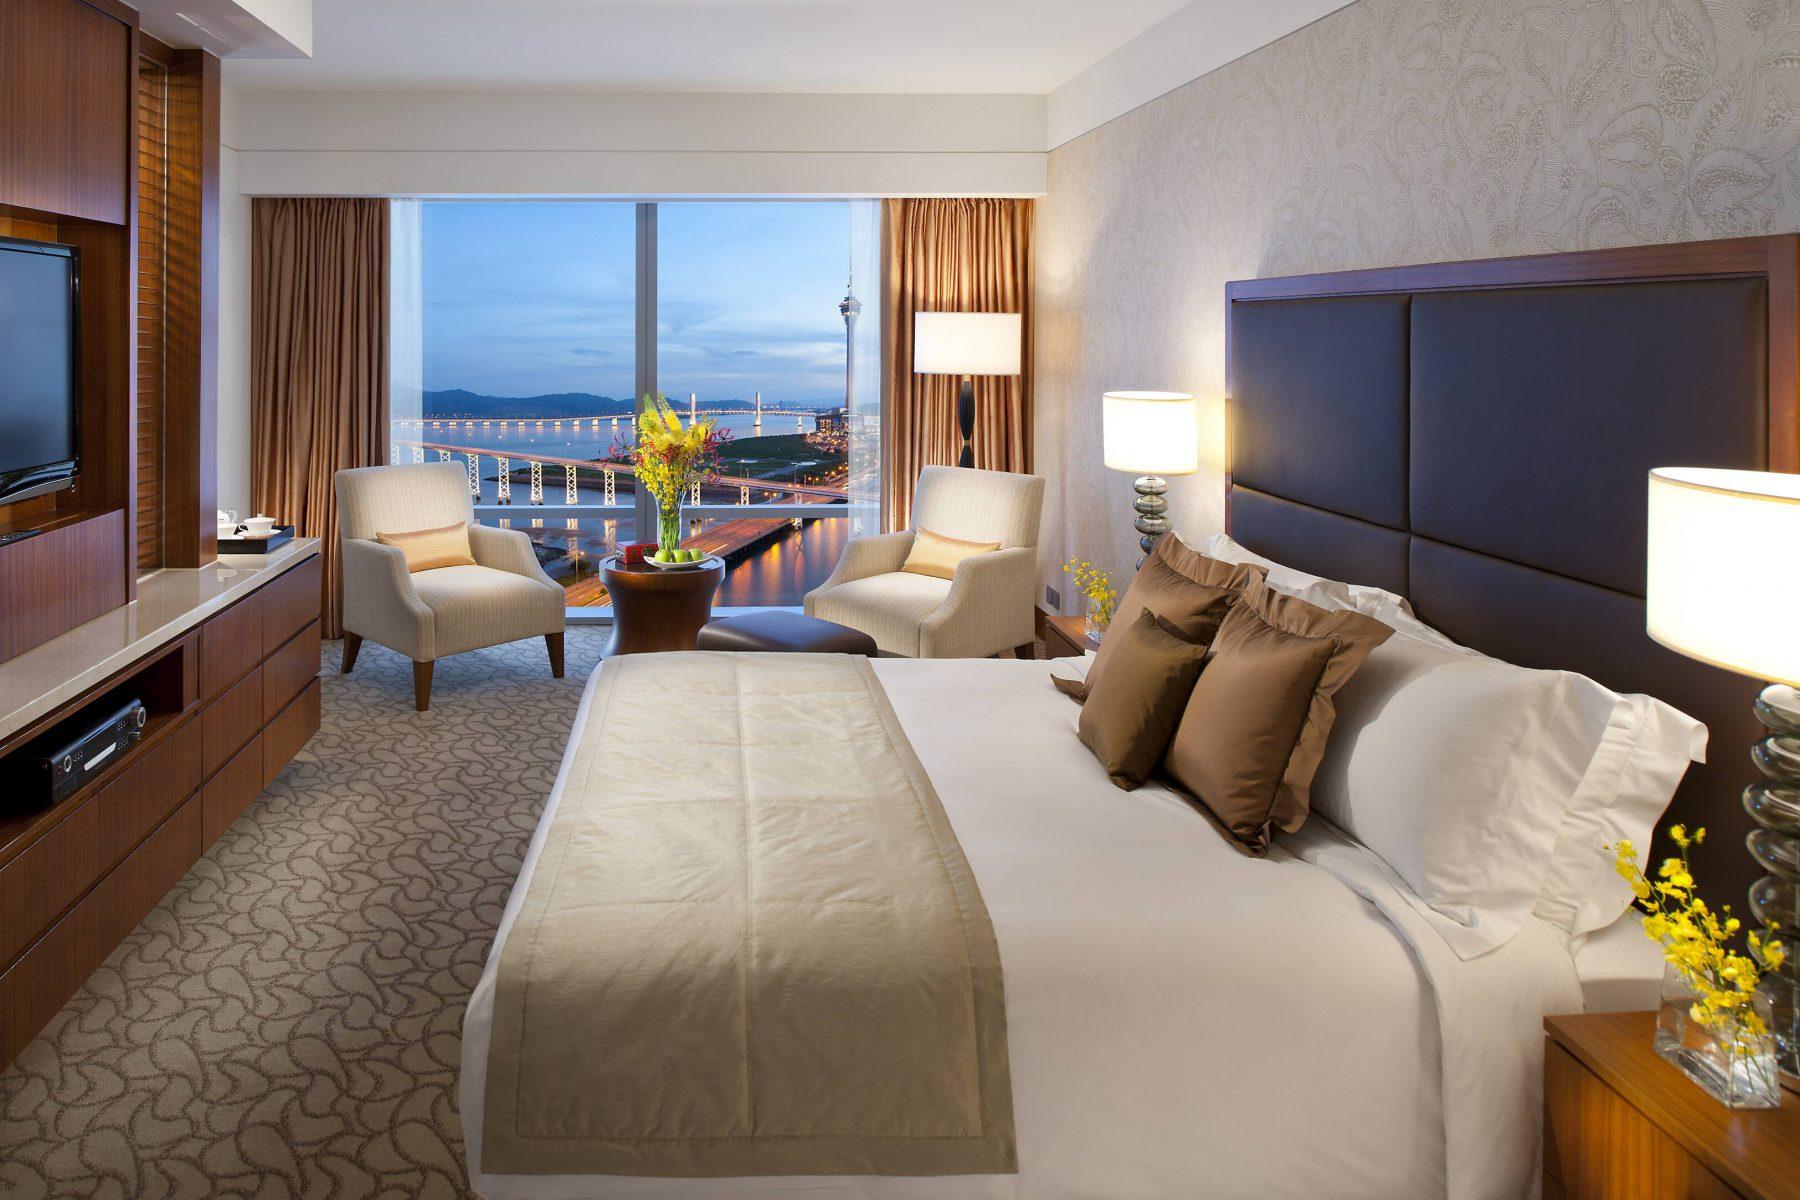 macau-room-deluxe-lake-view-room